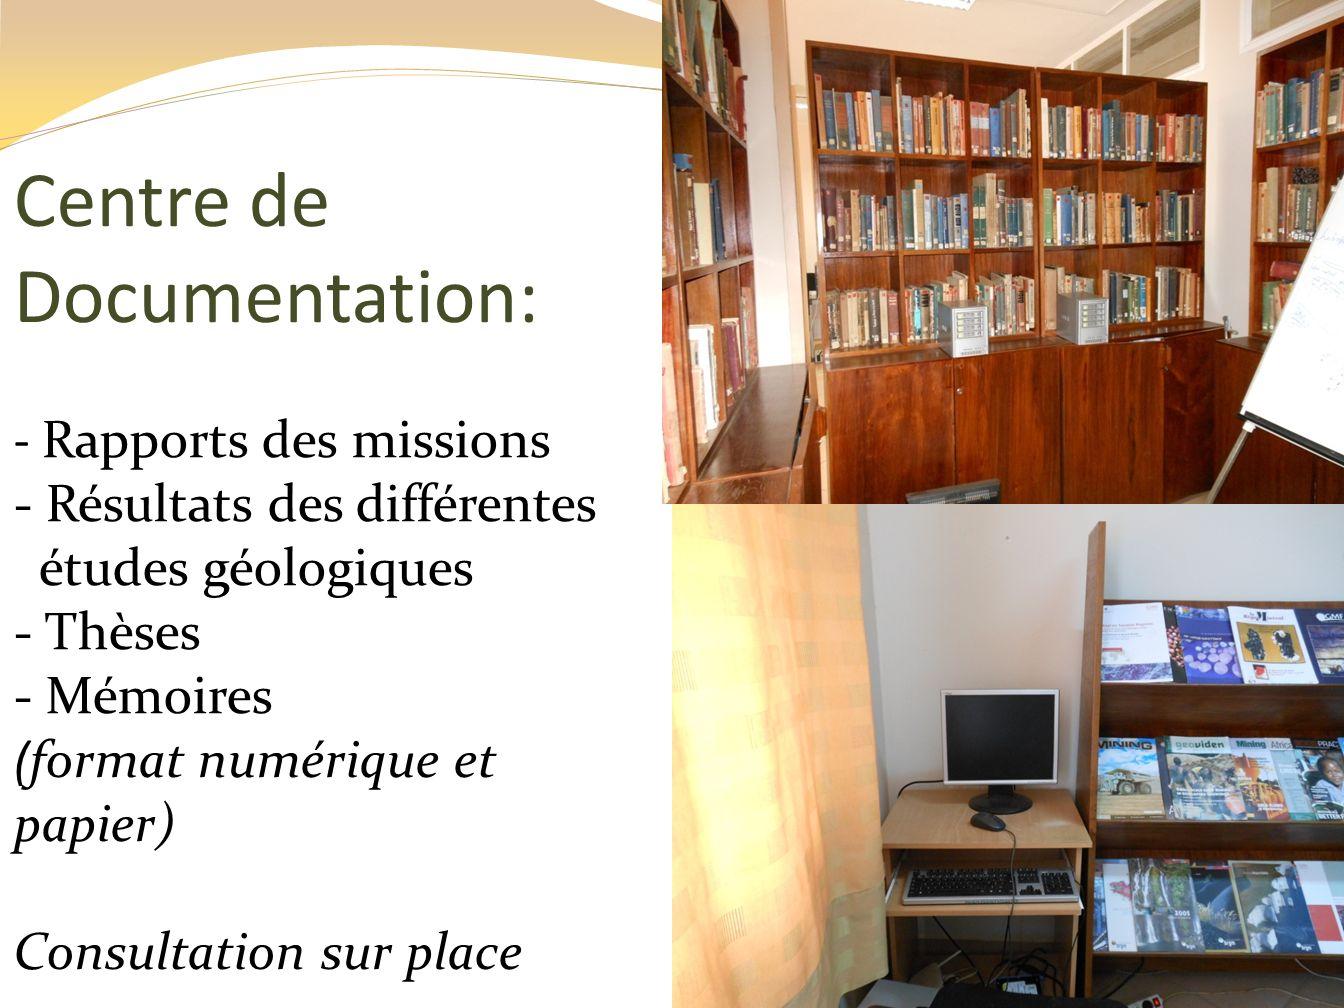 Centre de Documentation: